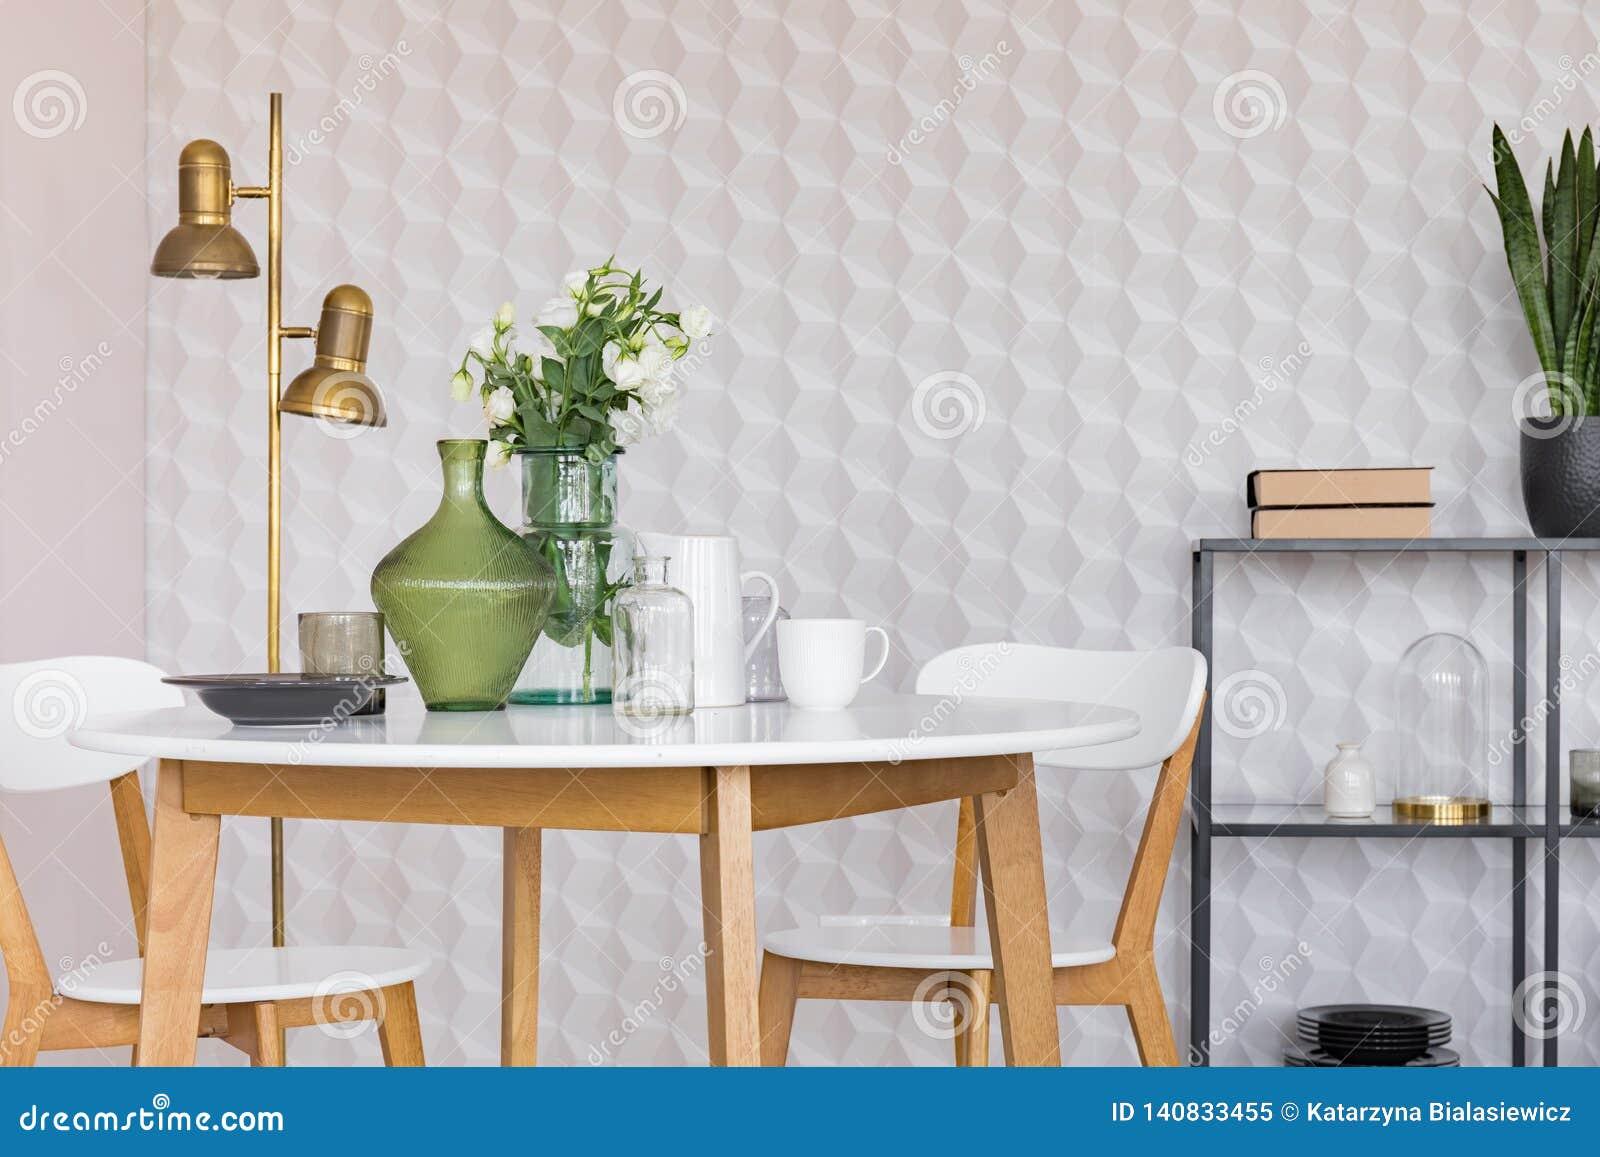 Szklana waza z kwiatami na białym drewnianym stole z talerzem, kawowymi kubkami i słojami, istna fotografia z kopii przestrzenią